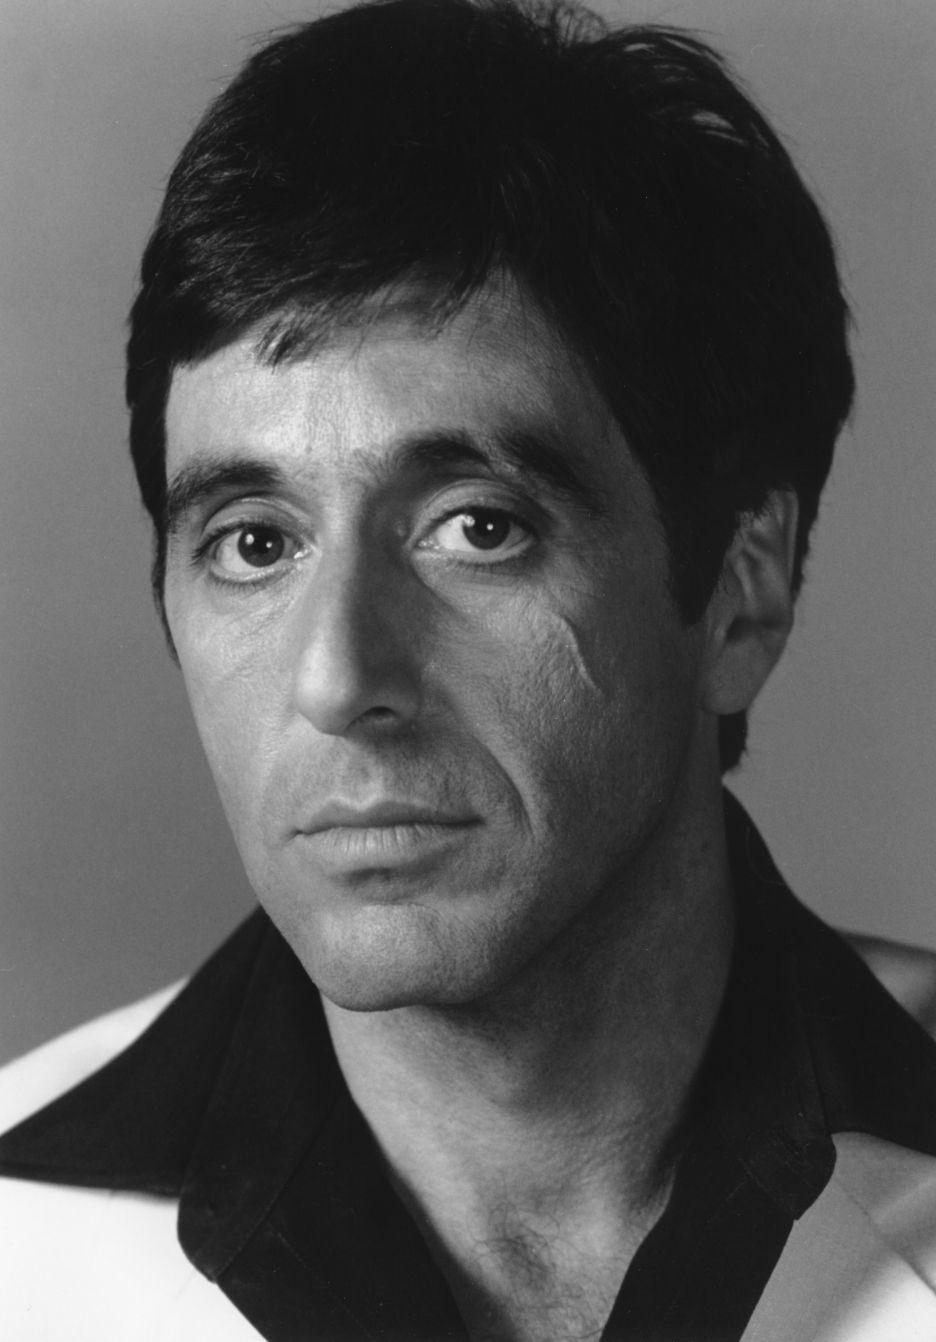 al pacino | Al Pacino HairStyle (Men HairStyles) - Men Hair Styles ...